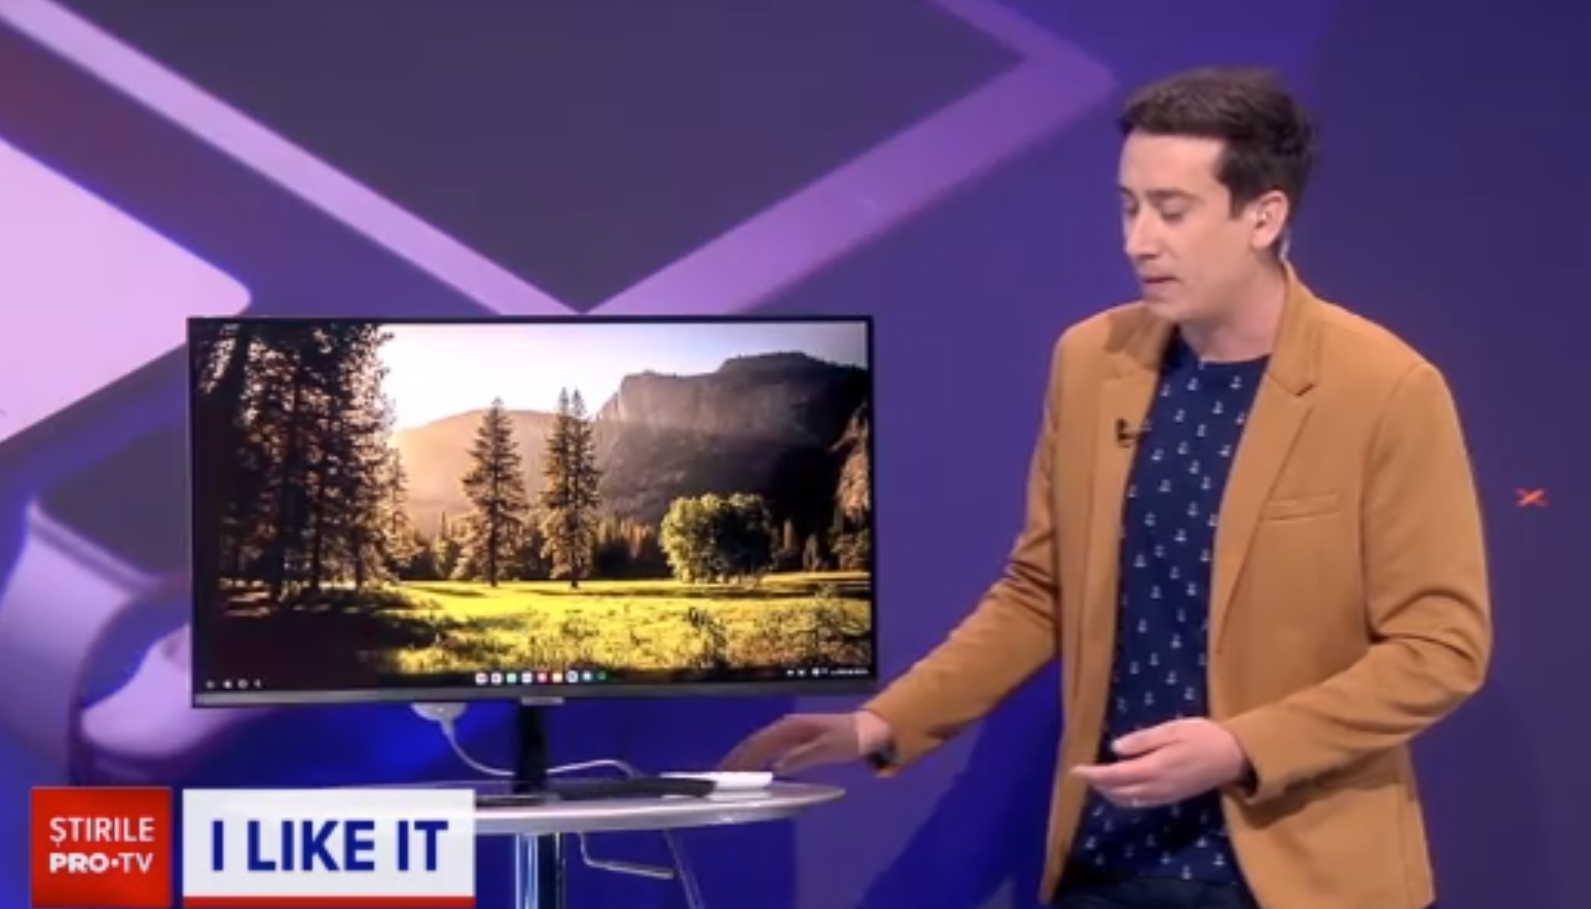 """ILikeIT. Cum poți transforma un televizor obișnuit într-unul """"smart"""", mai performant"""